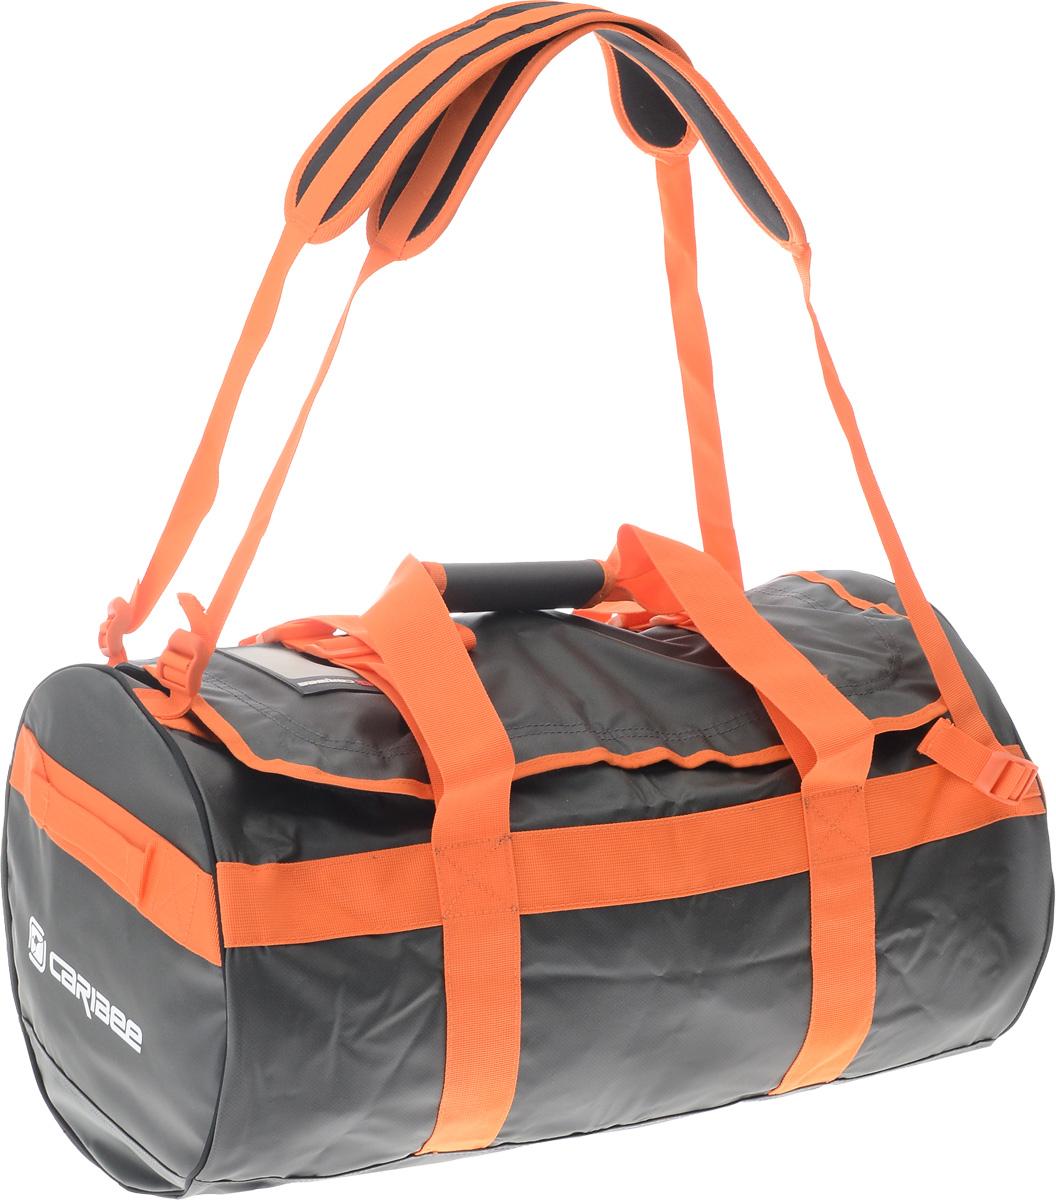 Сумка спортивная Caribee Kokoda, цвет: темно-серый, оранжевый, 65 л7021.2Сумка Caribee Kokoda имеет стильный дизайн, легкий вес и большую вместительность! Она выполнена из материала, устойчивого к промоканию даже в штормовую погоду. Стойкие к воде молнии. Изделие оснащено регулируемыми плечевыми ремнями, позволяющими превратить сумку в рюкзак. Вшитые по всей окружности стяжки служат для дополнительной прочности. Сумка была разработана с учетом привлекательного вида, практичной функциональности и прочной конструкции. Будьте уверены, что вы доберетесь до места назначения и ваш багаж будет в полной сохранности!Собираясь в поход с такой сумкой, вы можете позволить себе взять все необходимые вещи. Объем: 65 л.